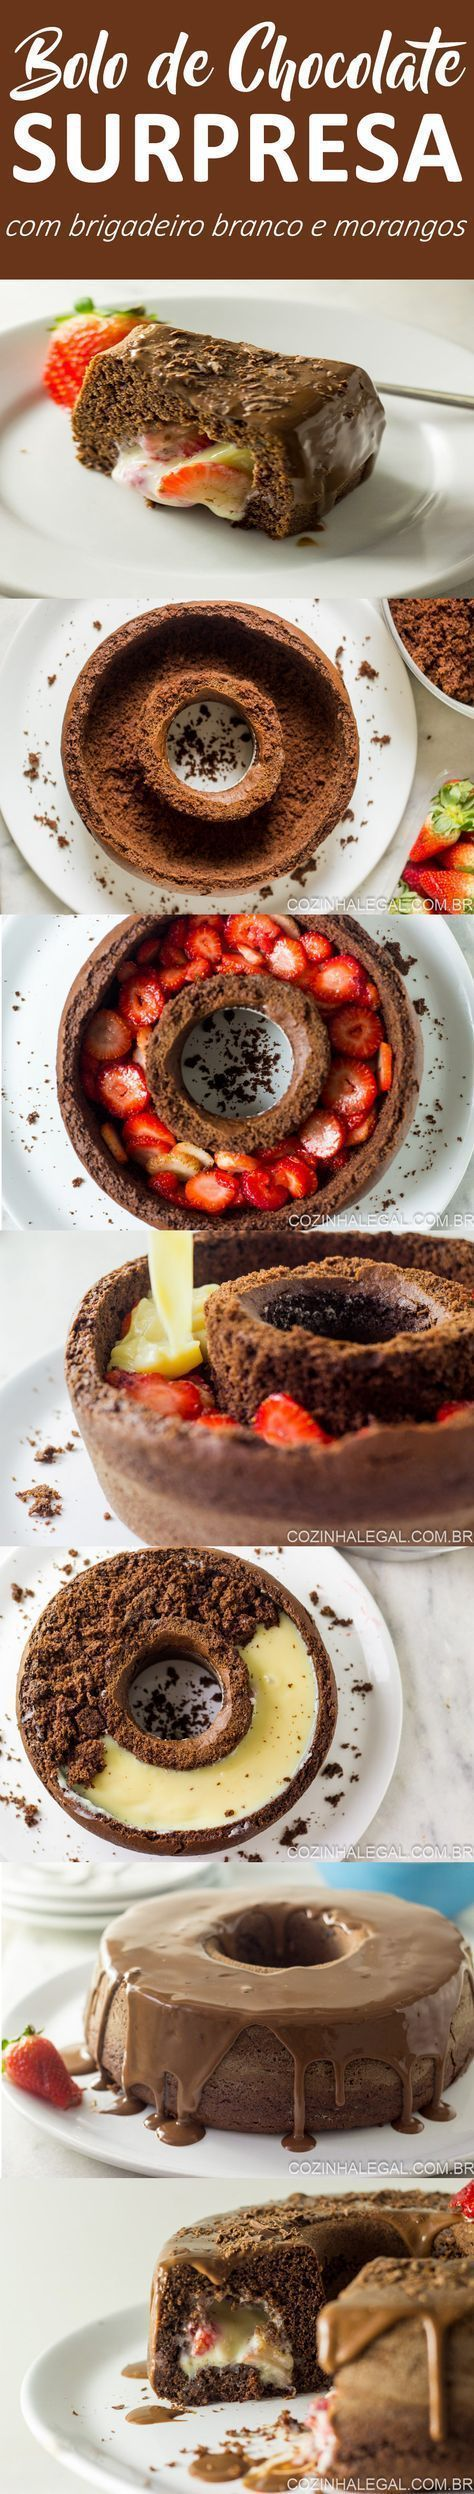 Receita de bolo de chocolate surpresa com brigadeiro branco e morango vai te surpreender por ser muito fácil de fazer. Além de ser lindo e muito gostoso. | cozinhalegal.com.br